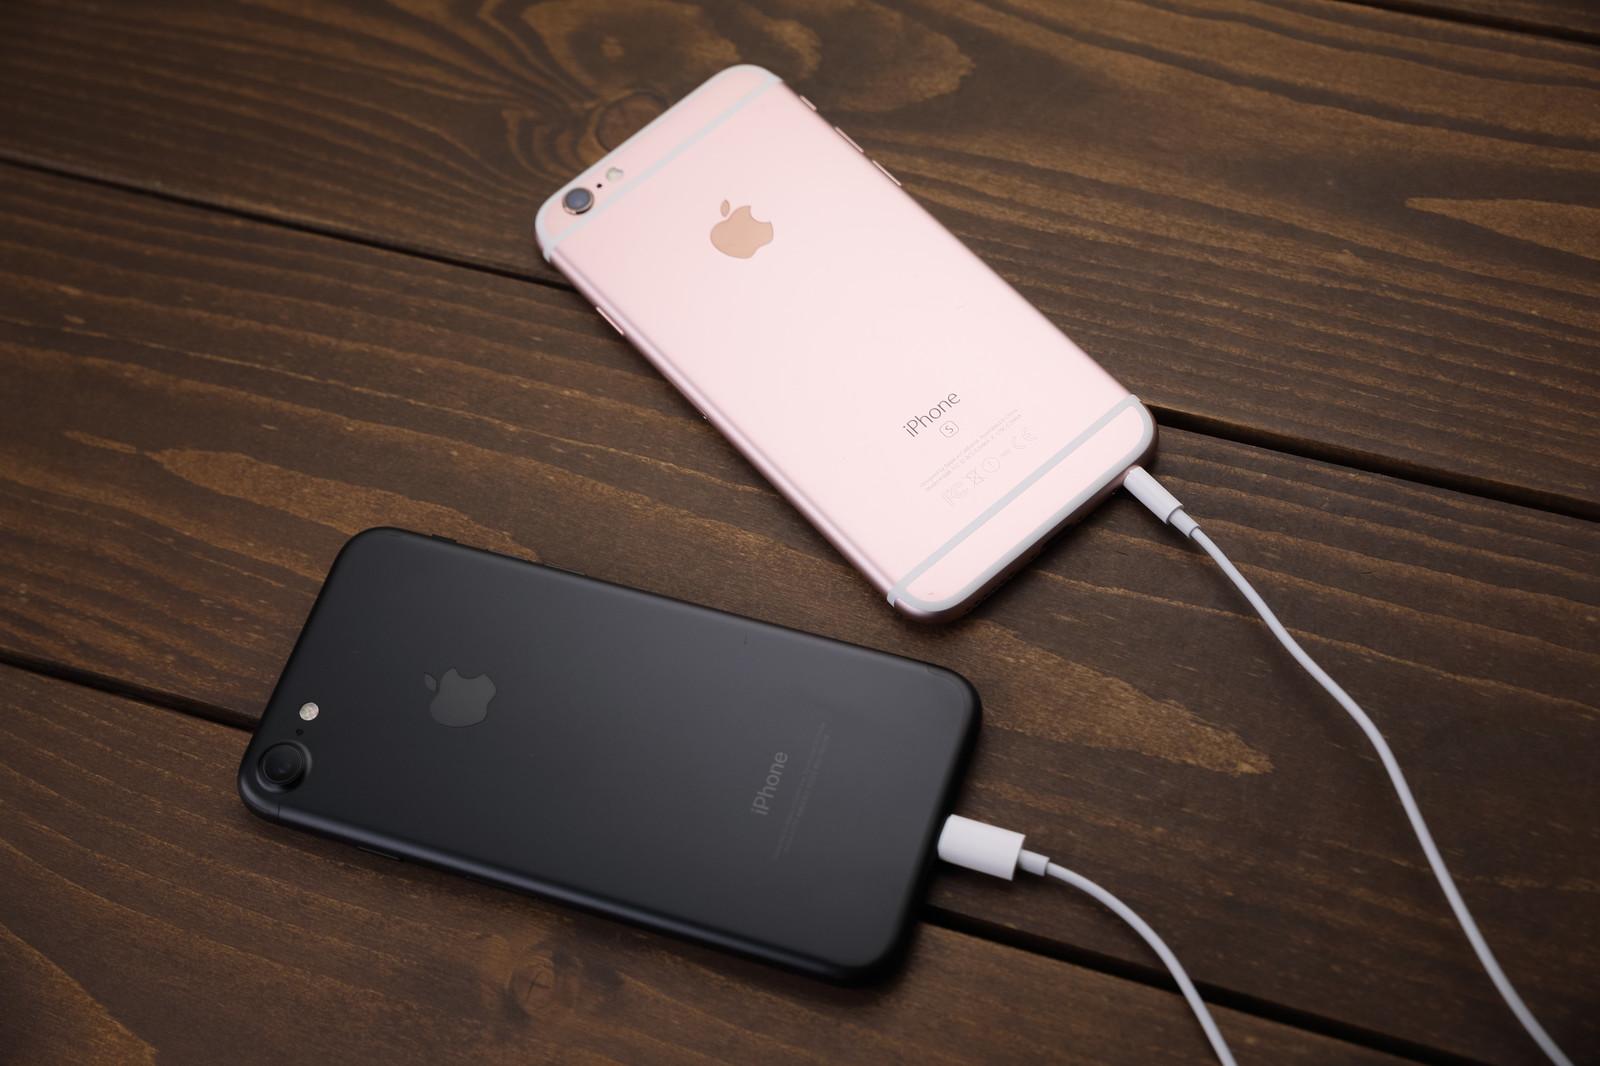 iPhoneのアップデート後にバッテリー消費が激しい?不具合の対策方法